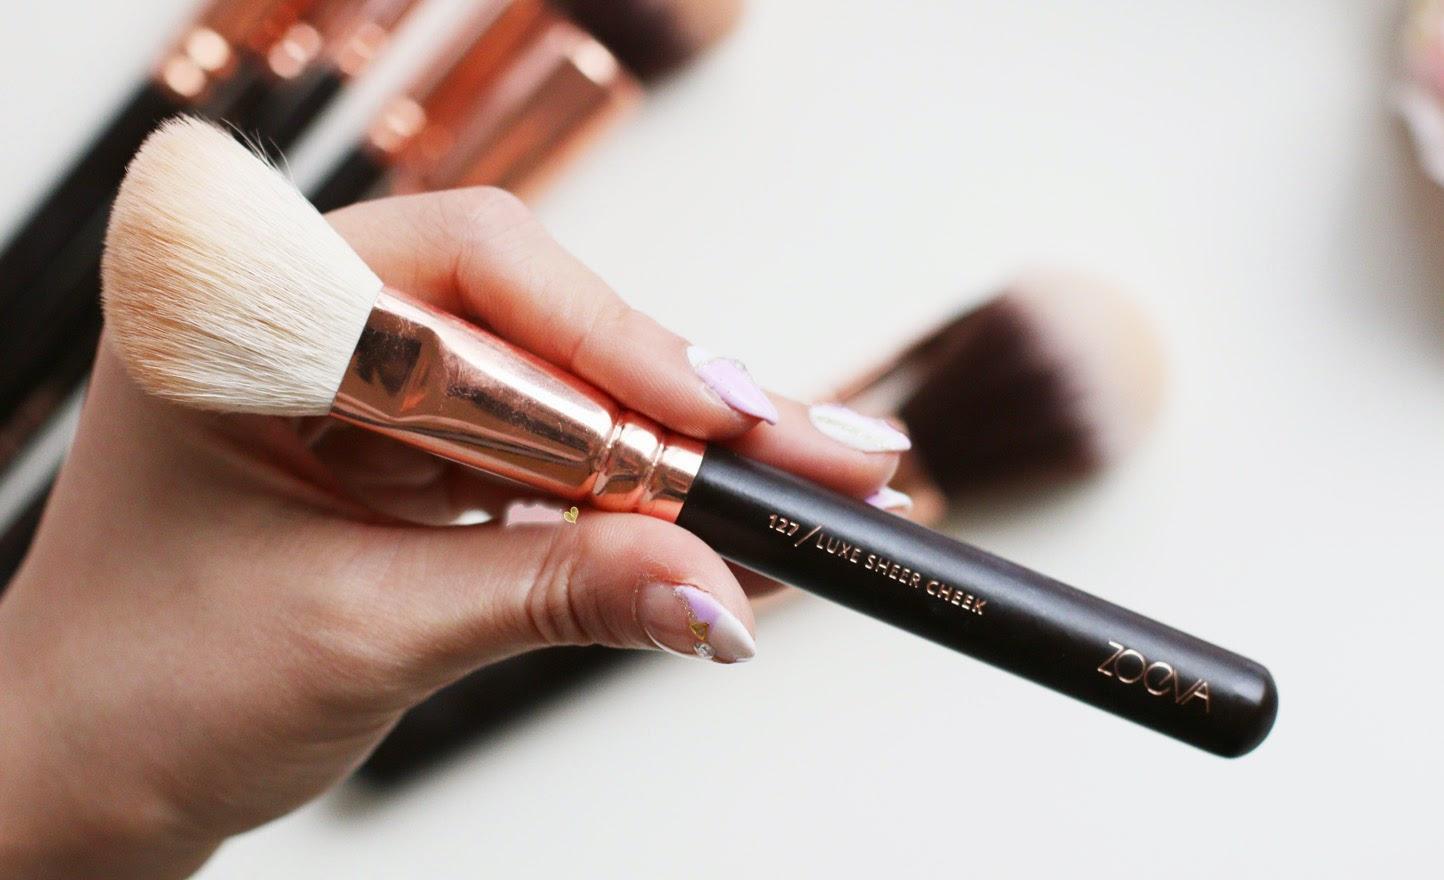 Zoeva Rose Gold 127 Luxe Sheer Cheek Brush